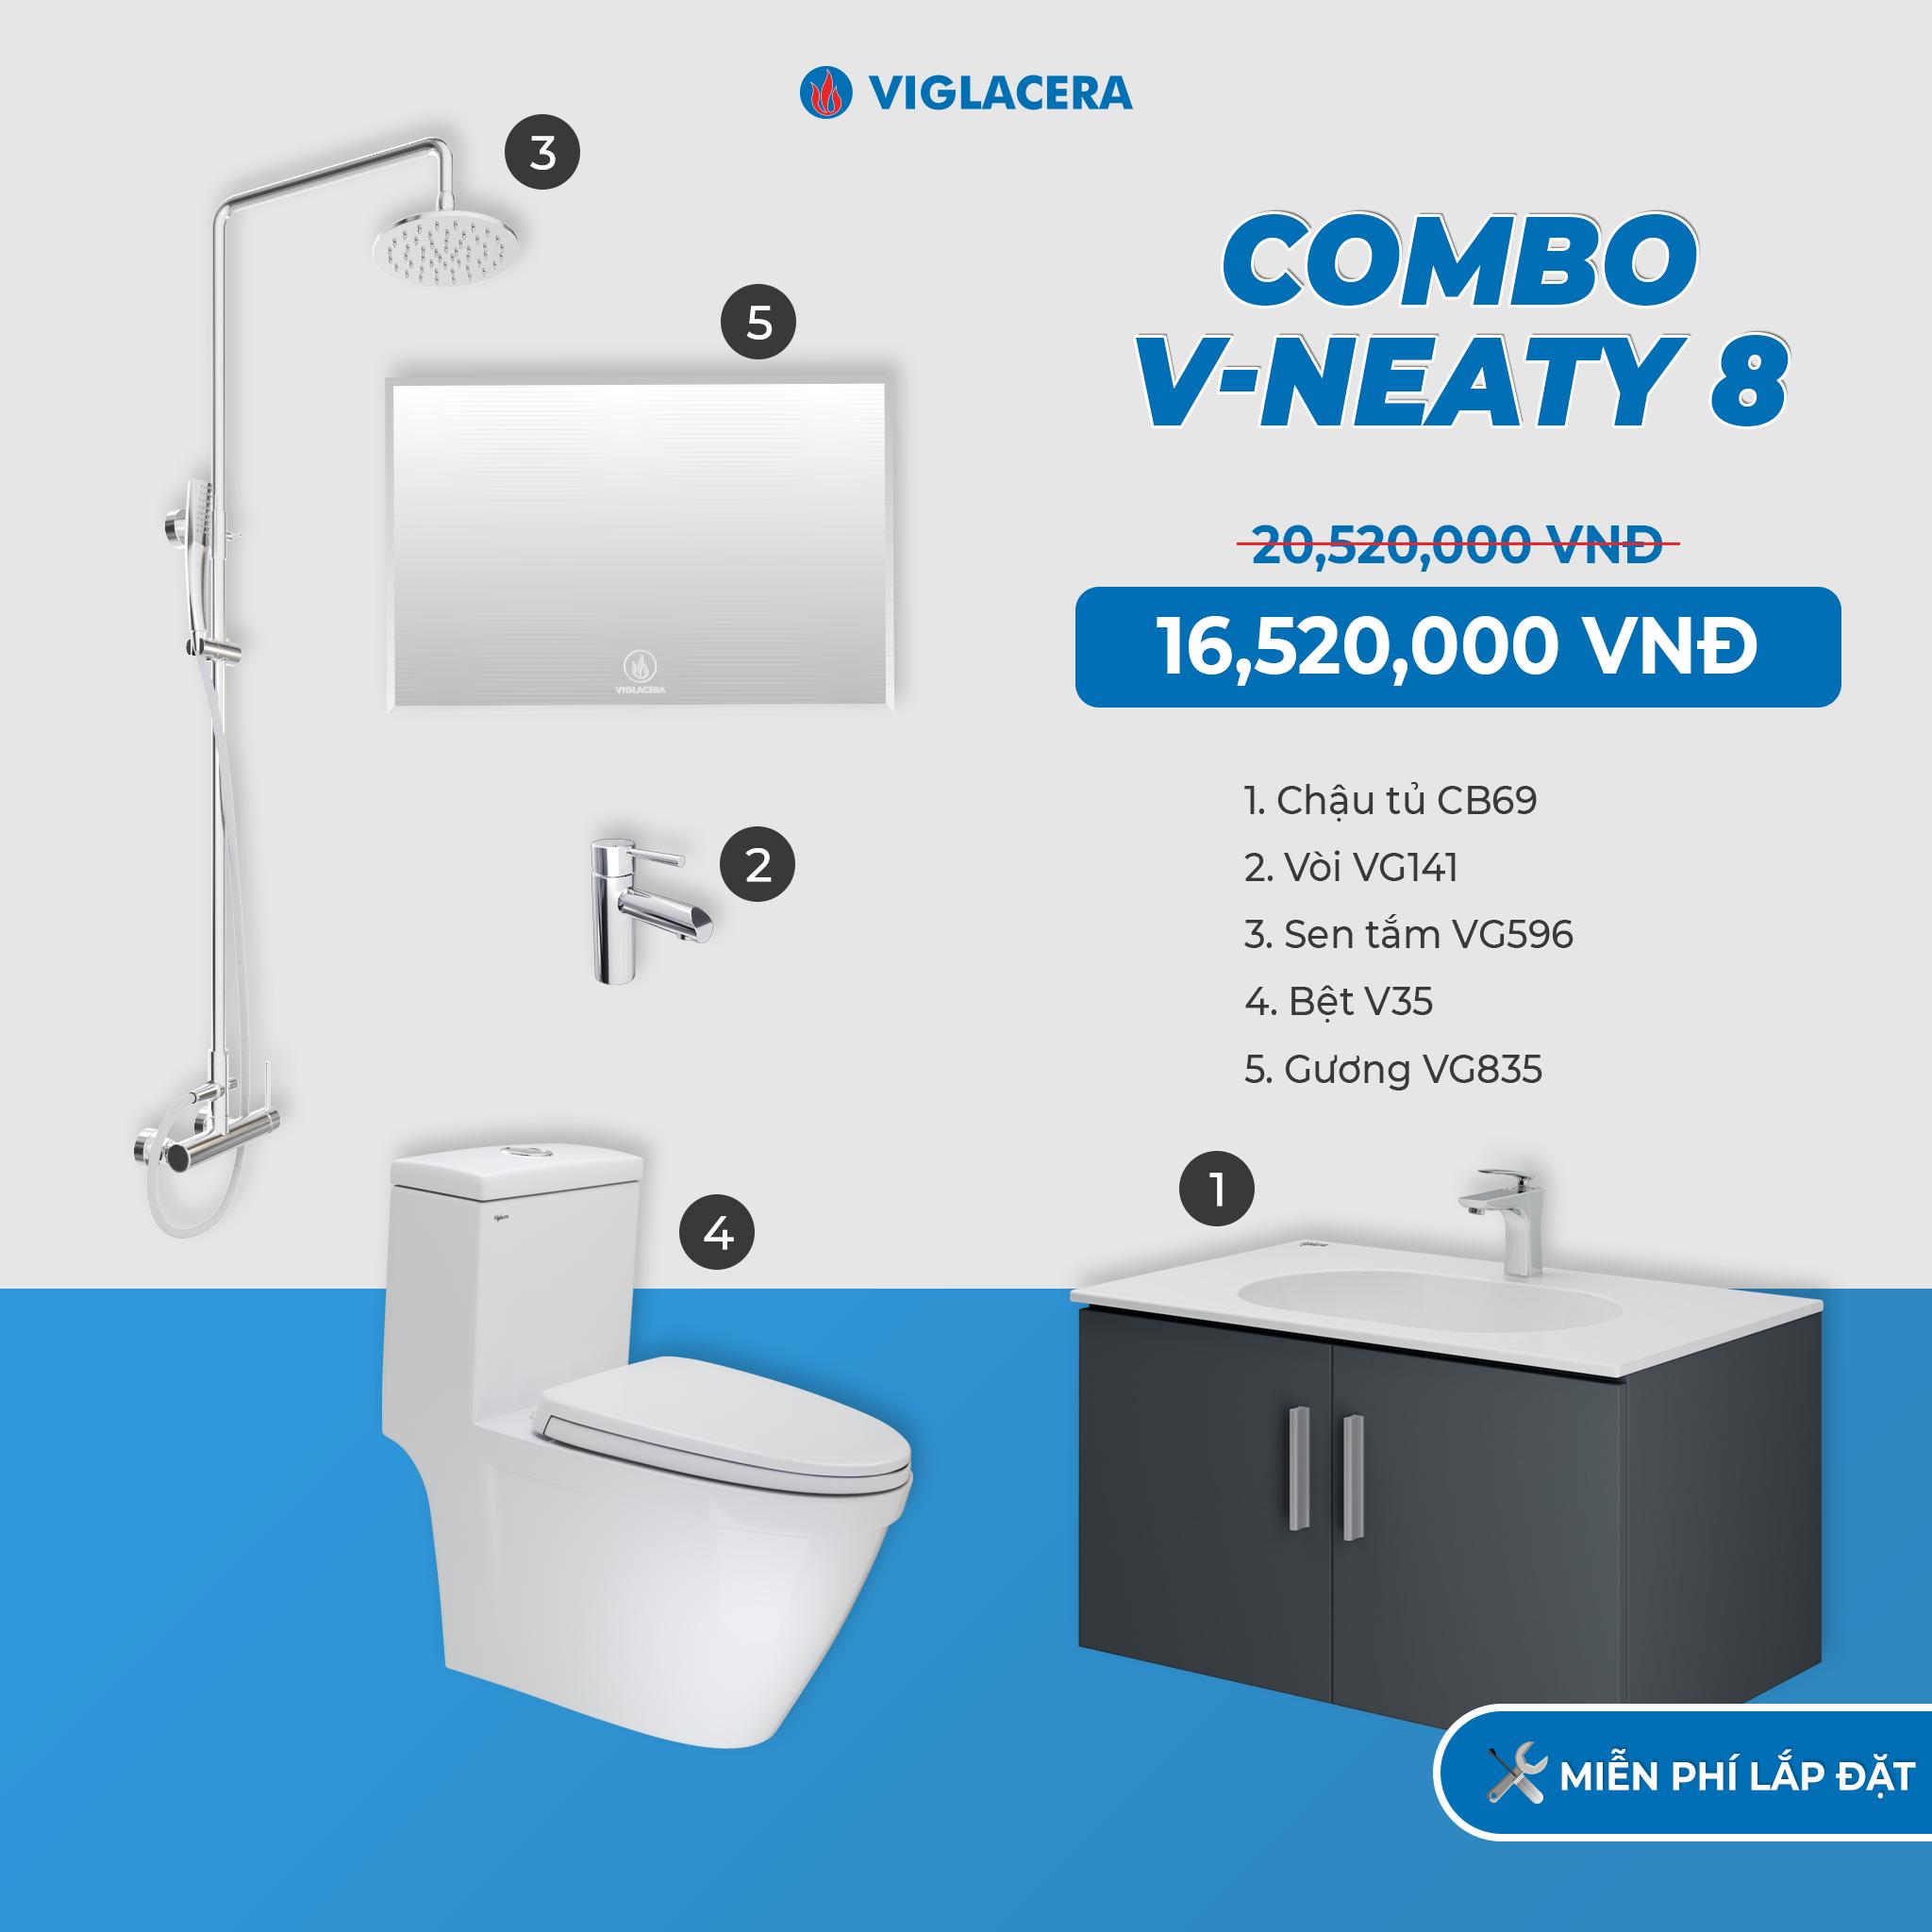 Combo V-NEATY 8